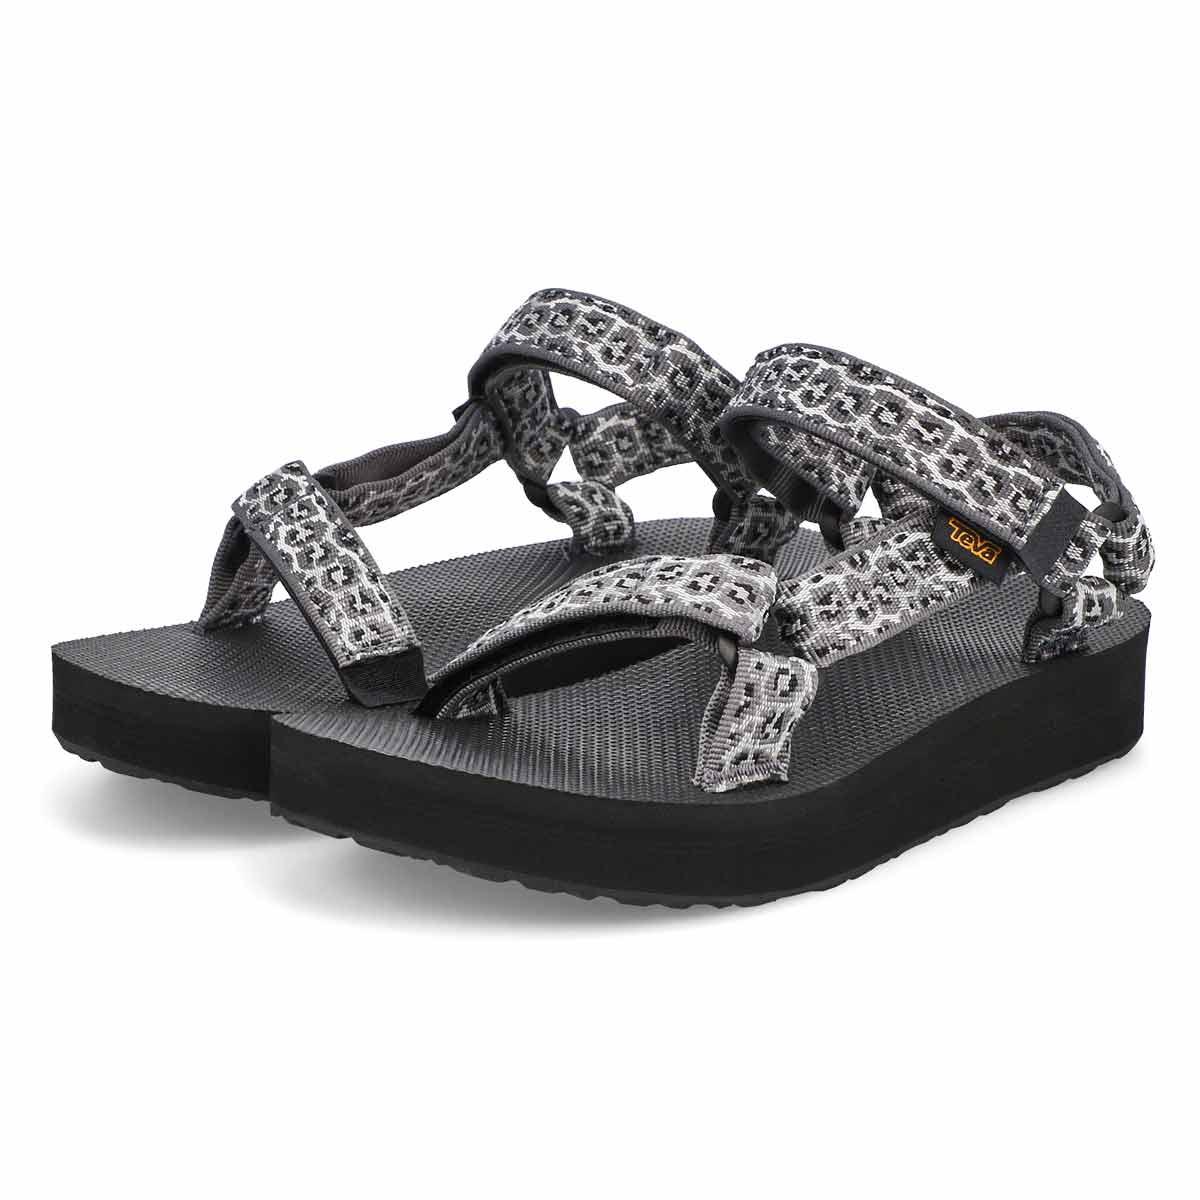 Women's Midform Universal Sandal - Black/White